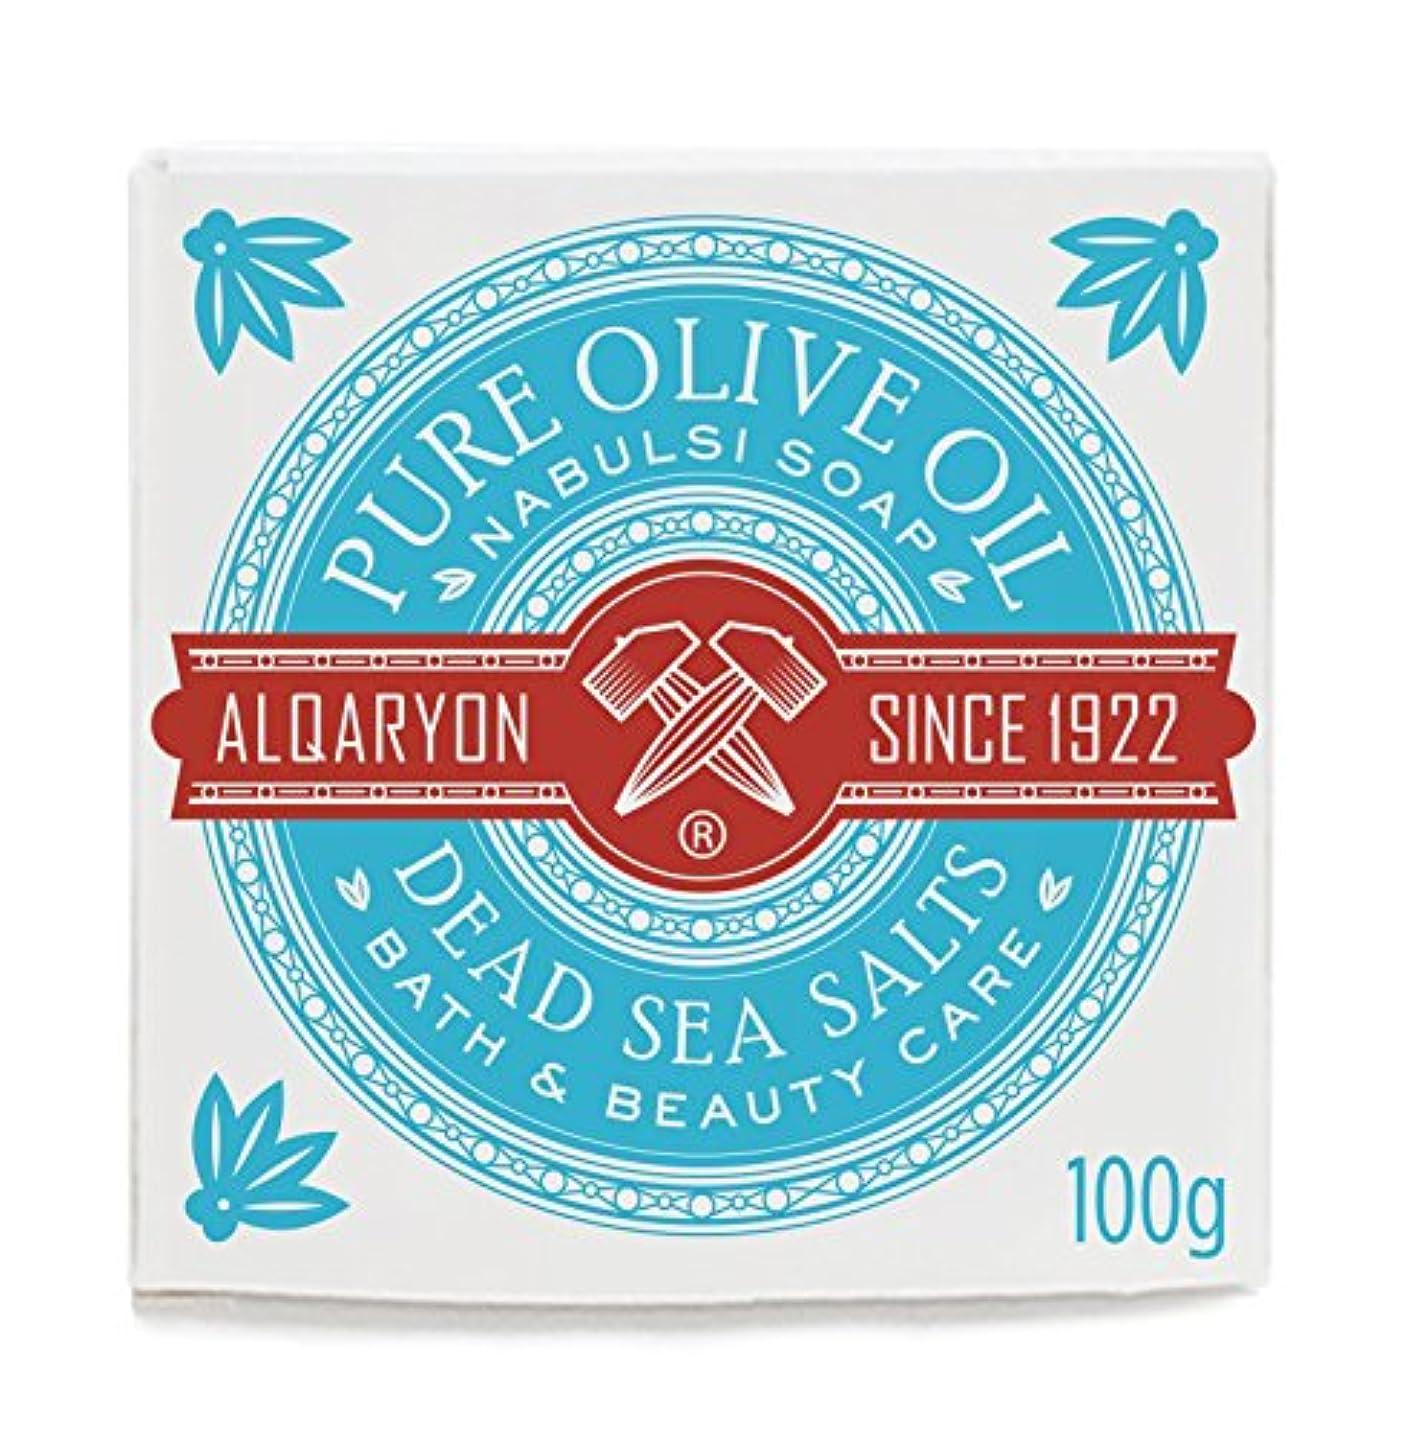 落とし穴学ぶご飯Alqaryon Dead Sea Salts & Olive Oil Bar Soap, Pack of 4 Bars 100g- Alqaryonの死海で取れる塩&オリーブオイル ソープ、バス & ビューティー ケア...